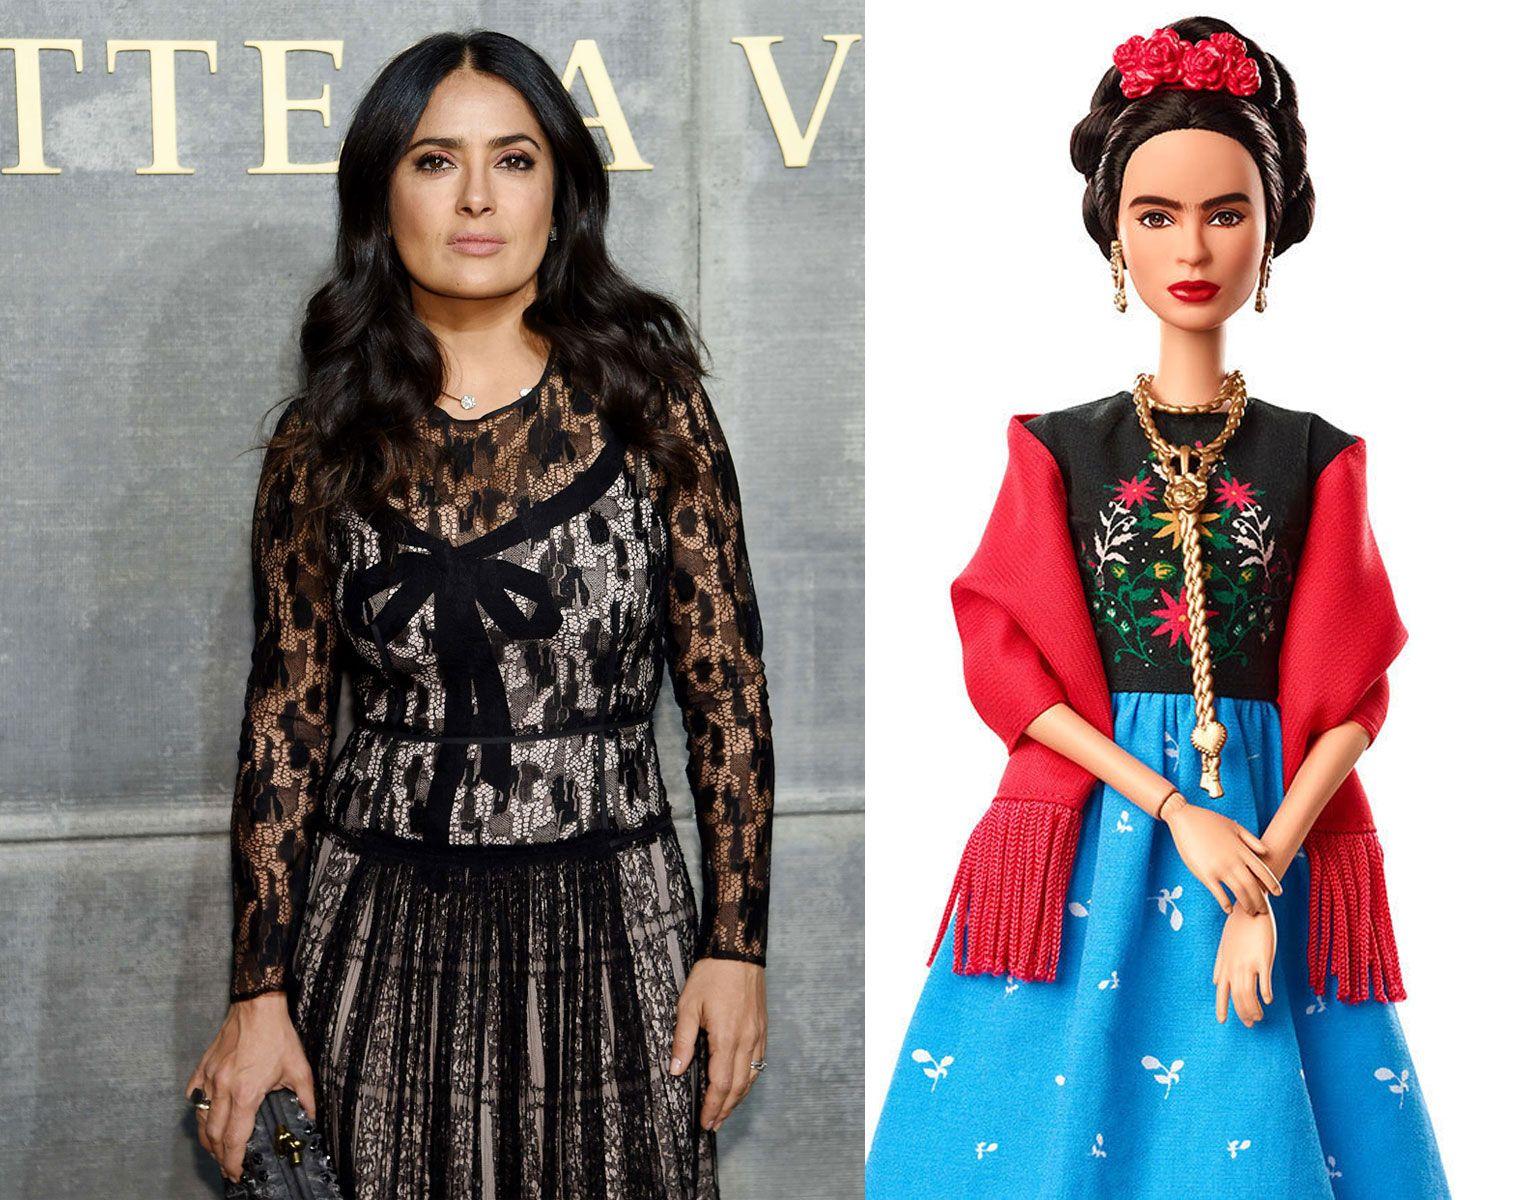 OPPRØRT: Salma Hayek misliker sterkt denne kopien av kunstnerikonet Frida Kahlo.